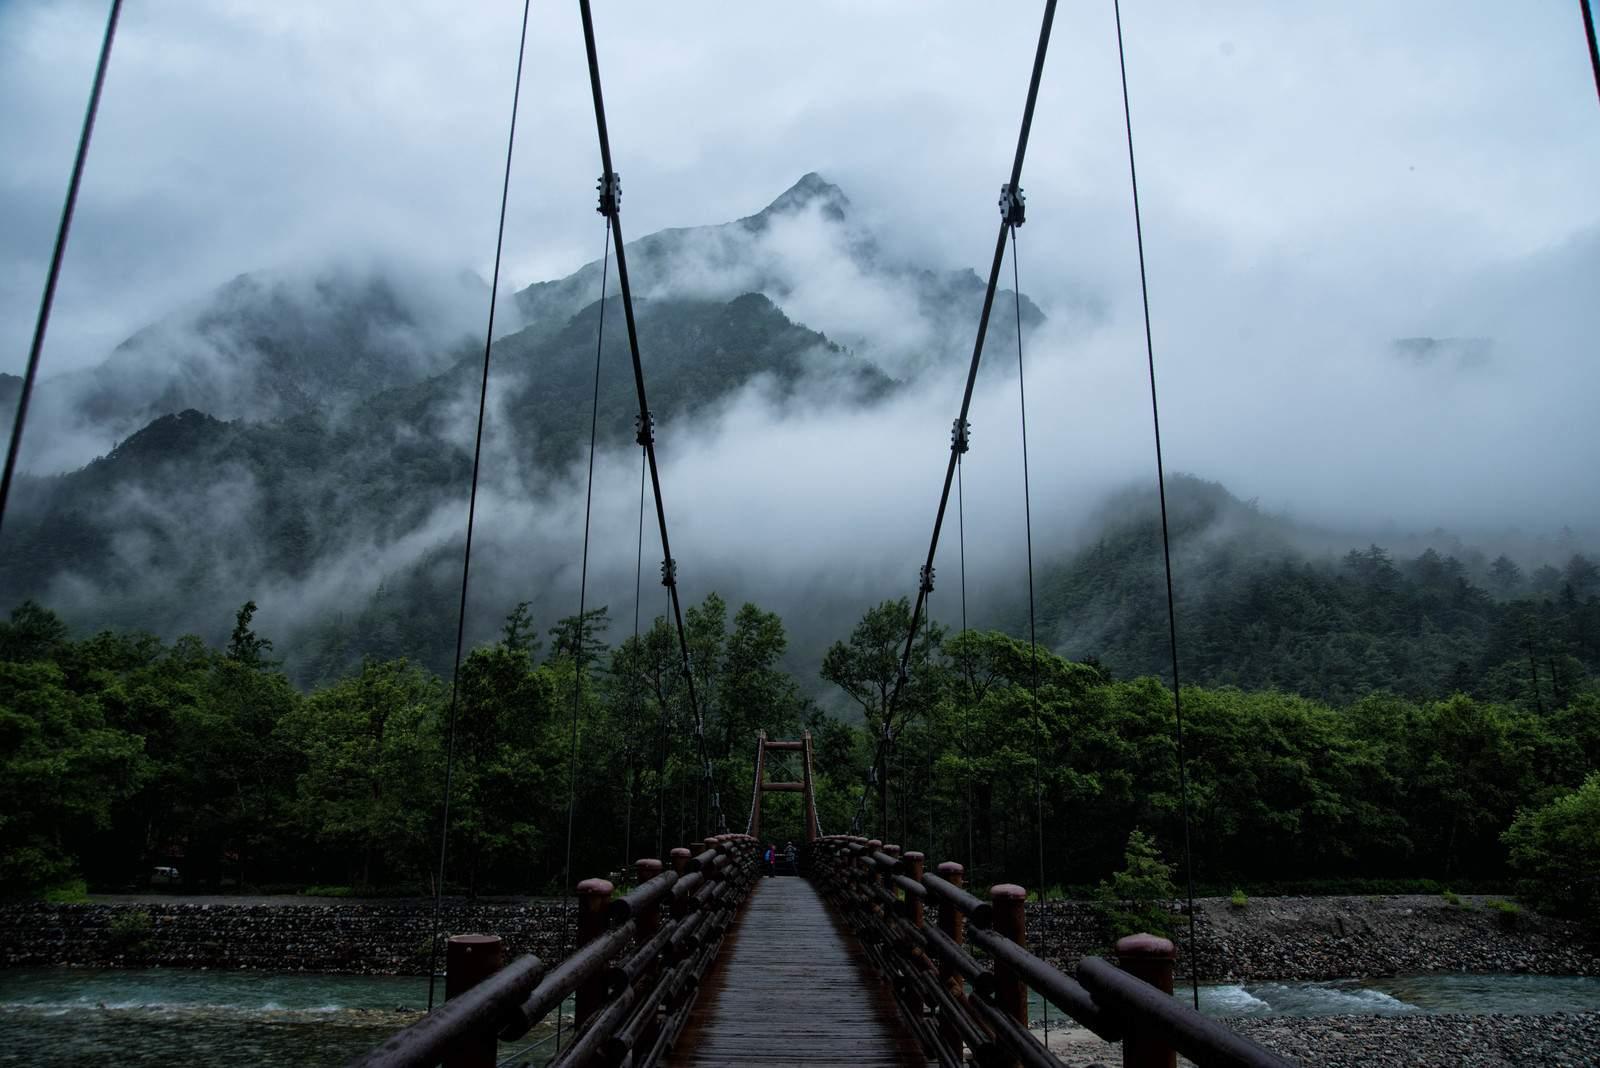 『テンジンキ 』天神逆霊橋|本当にあった怖い話【長編・オカルト・都市伝説】